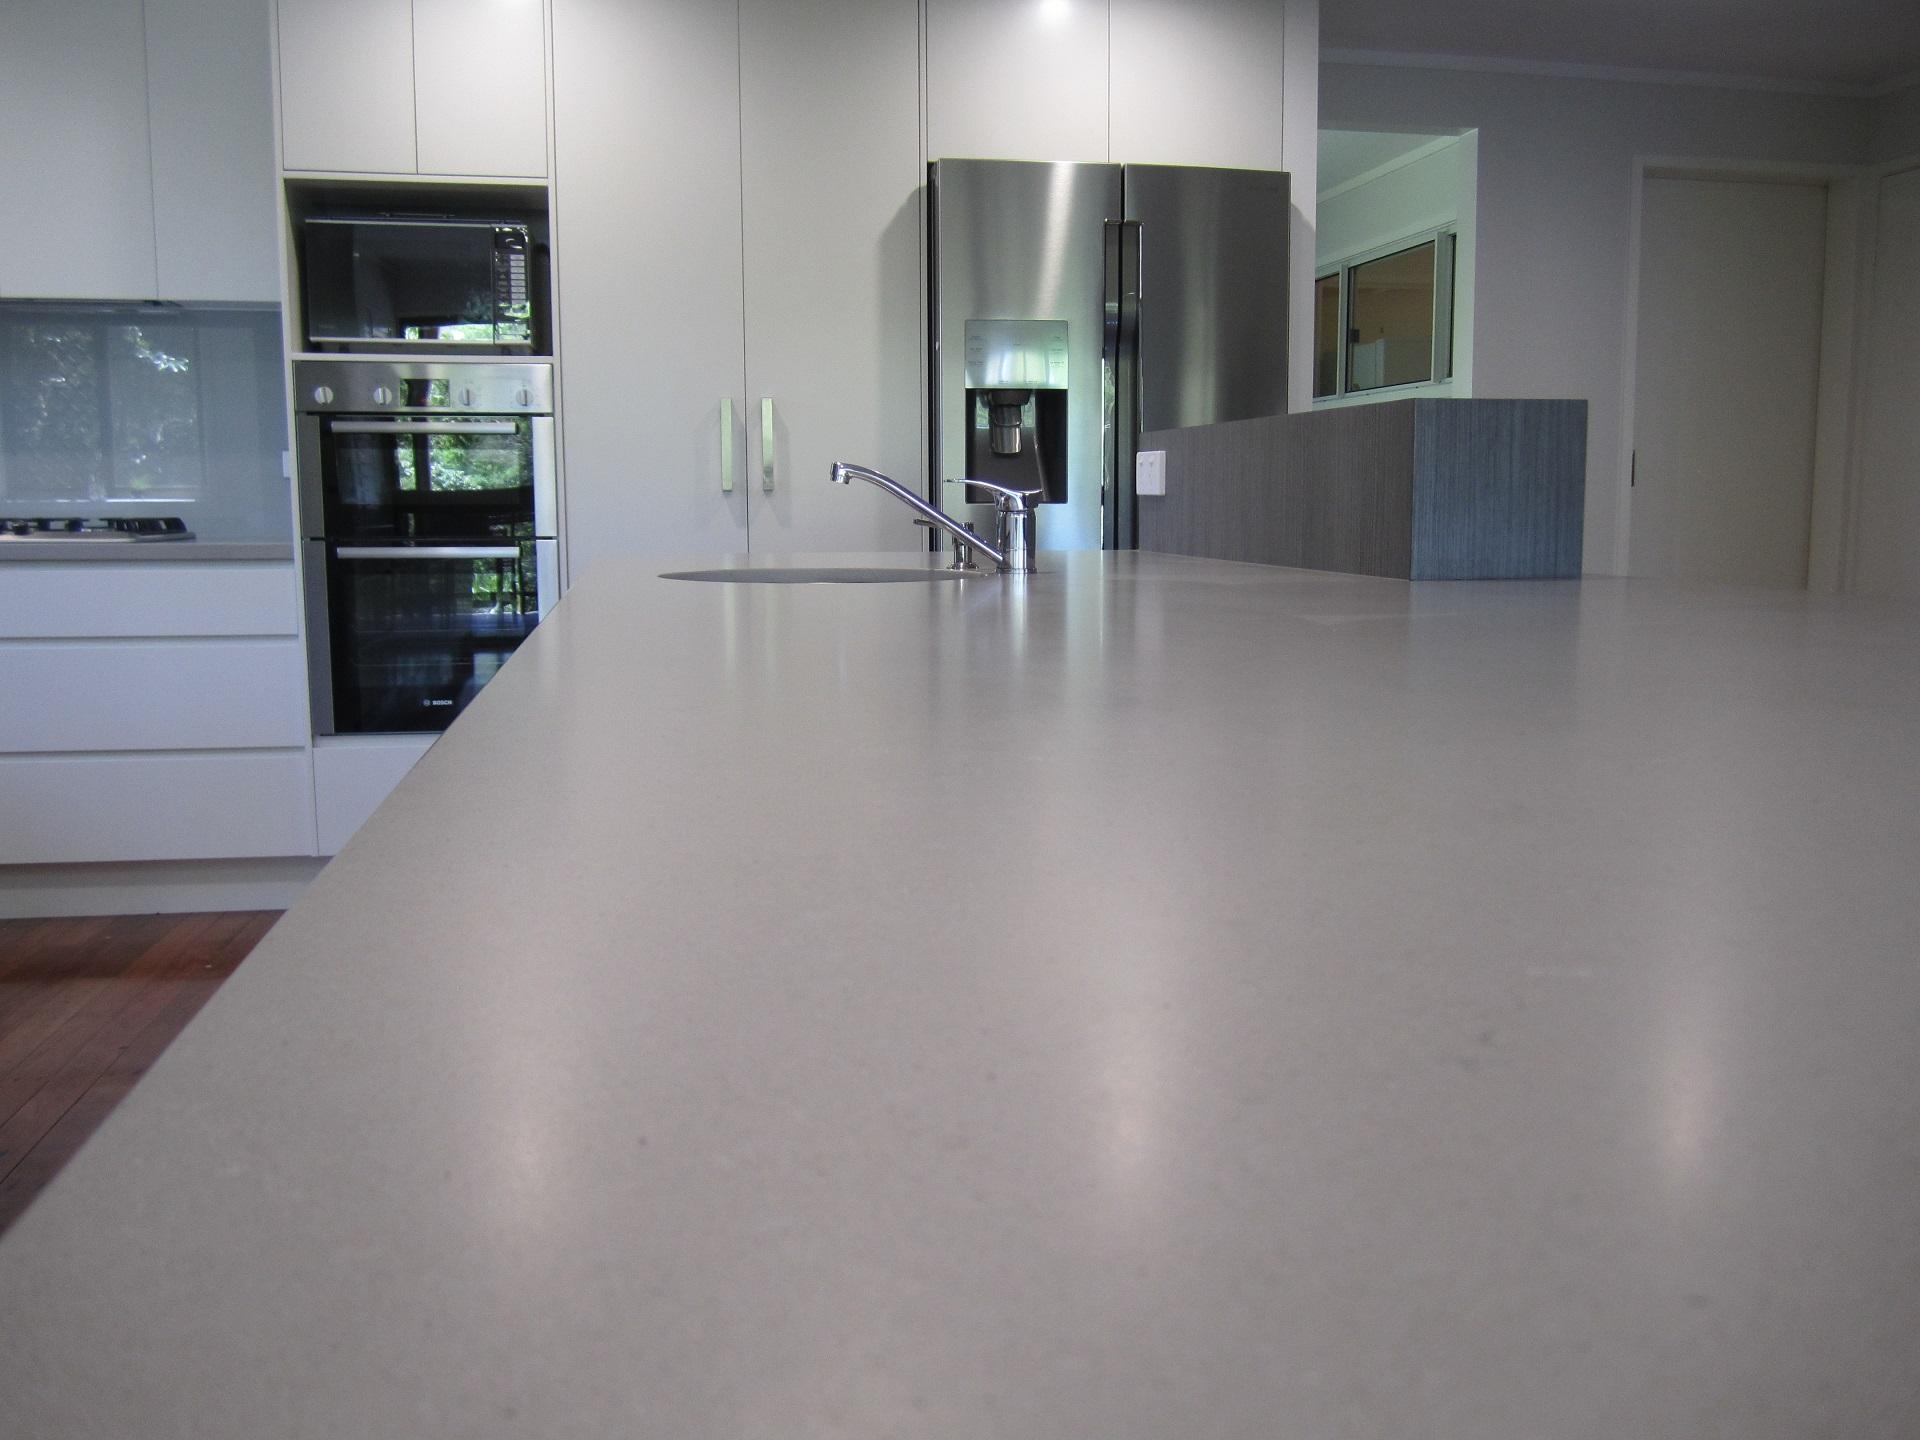 Brisbane Kitchen Design Kenmore Contemporary 2 Tone  Caesarstone Raw Concrete(4)